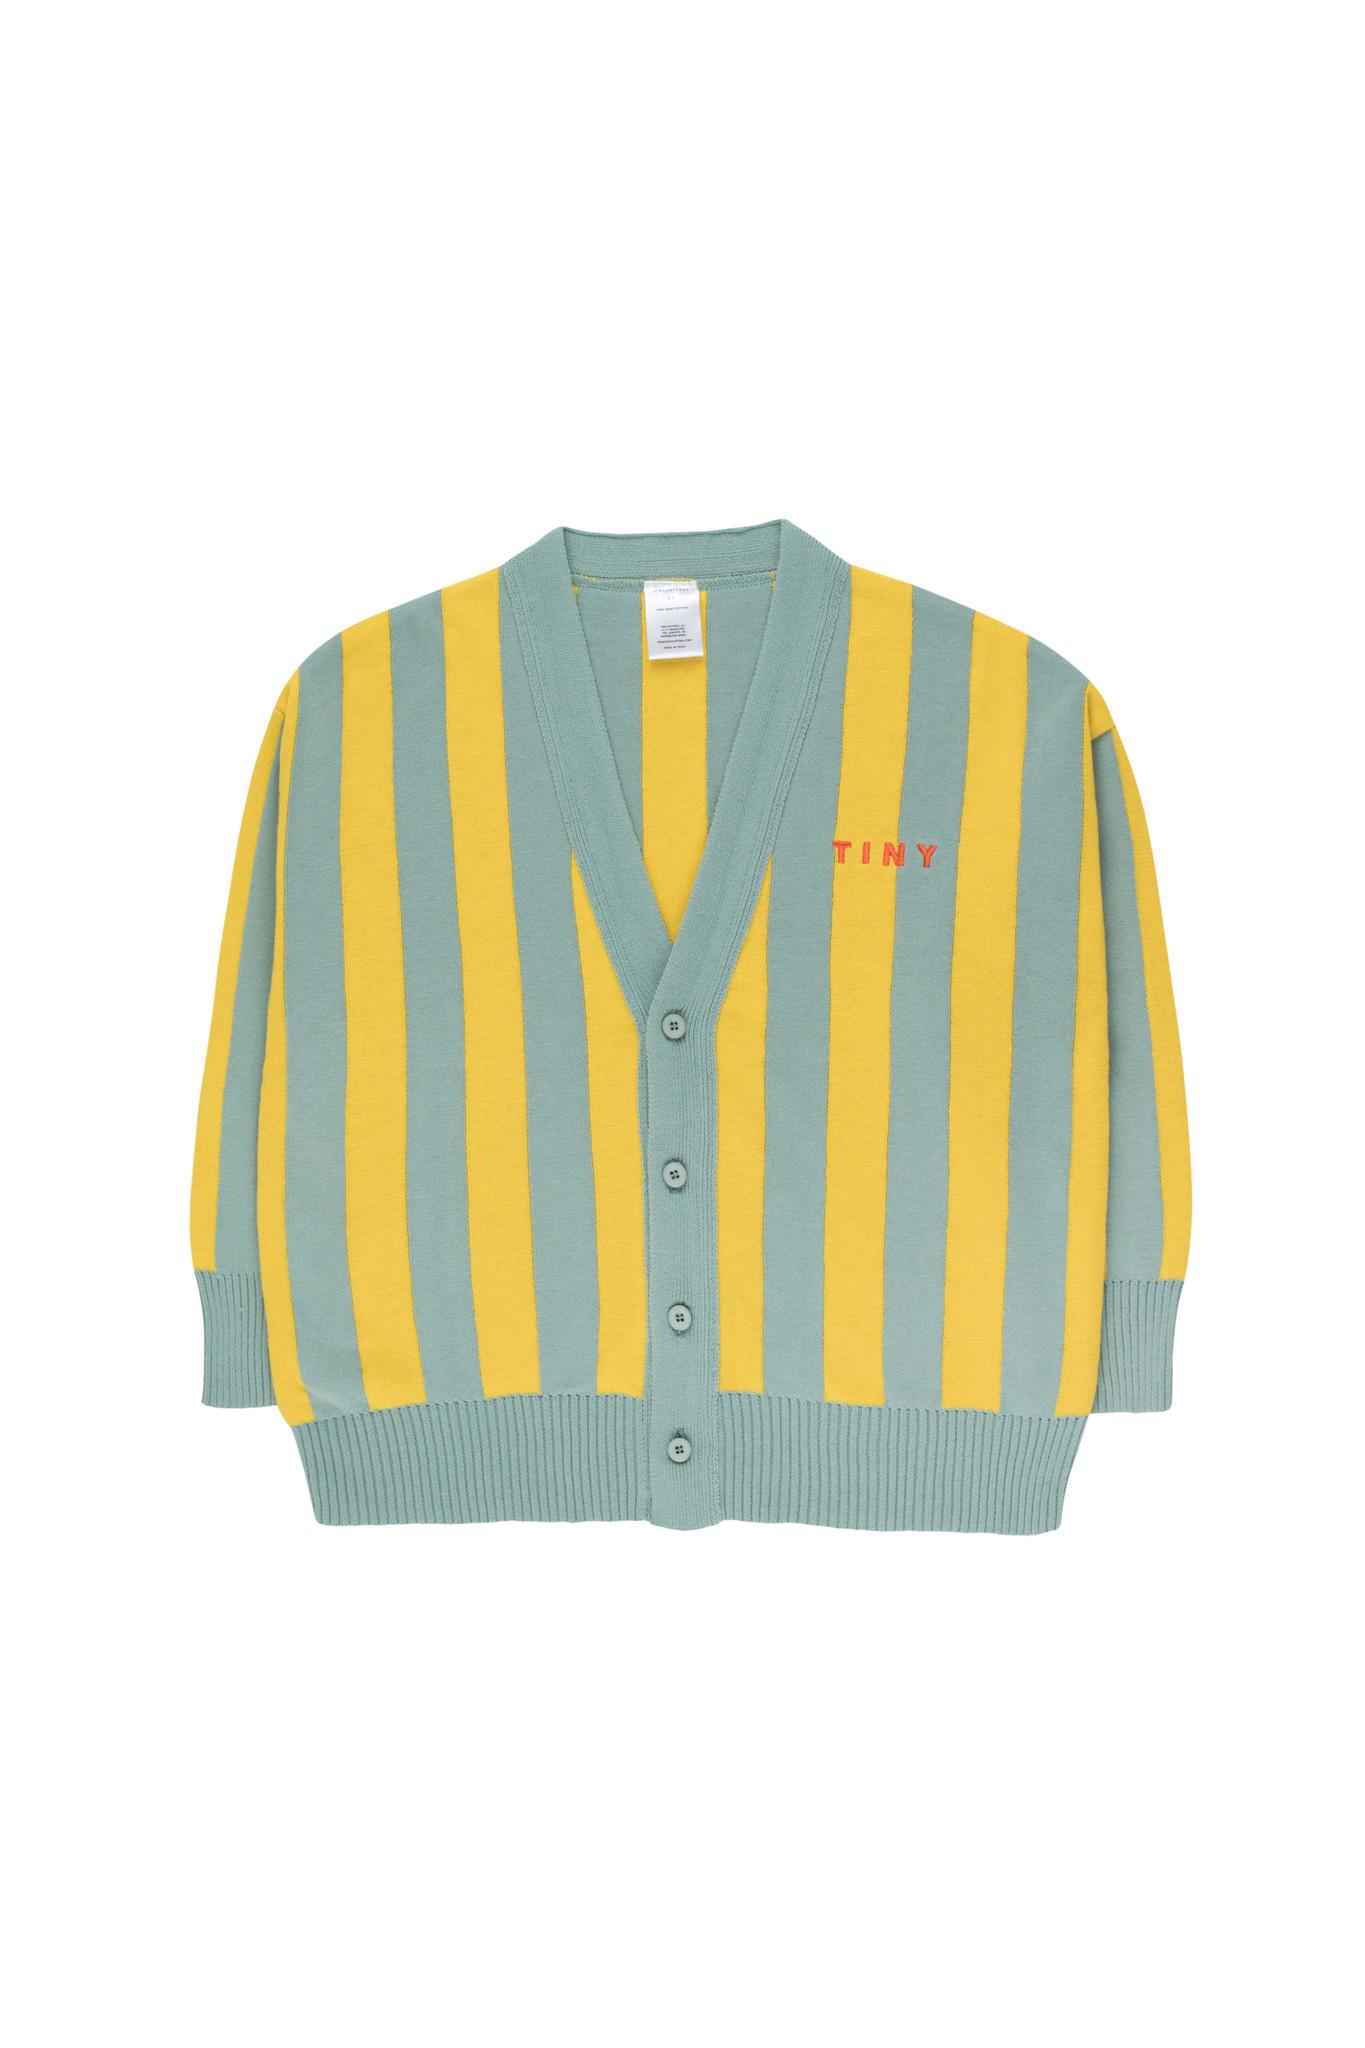 STRIPES CARDIGAN - Sea Green / Yellow-1